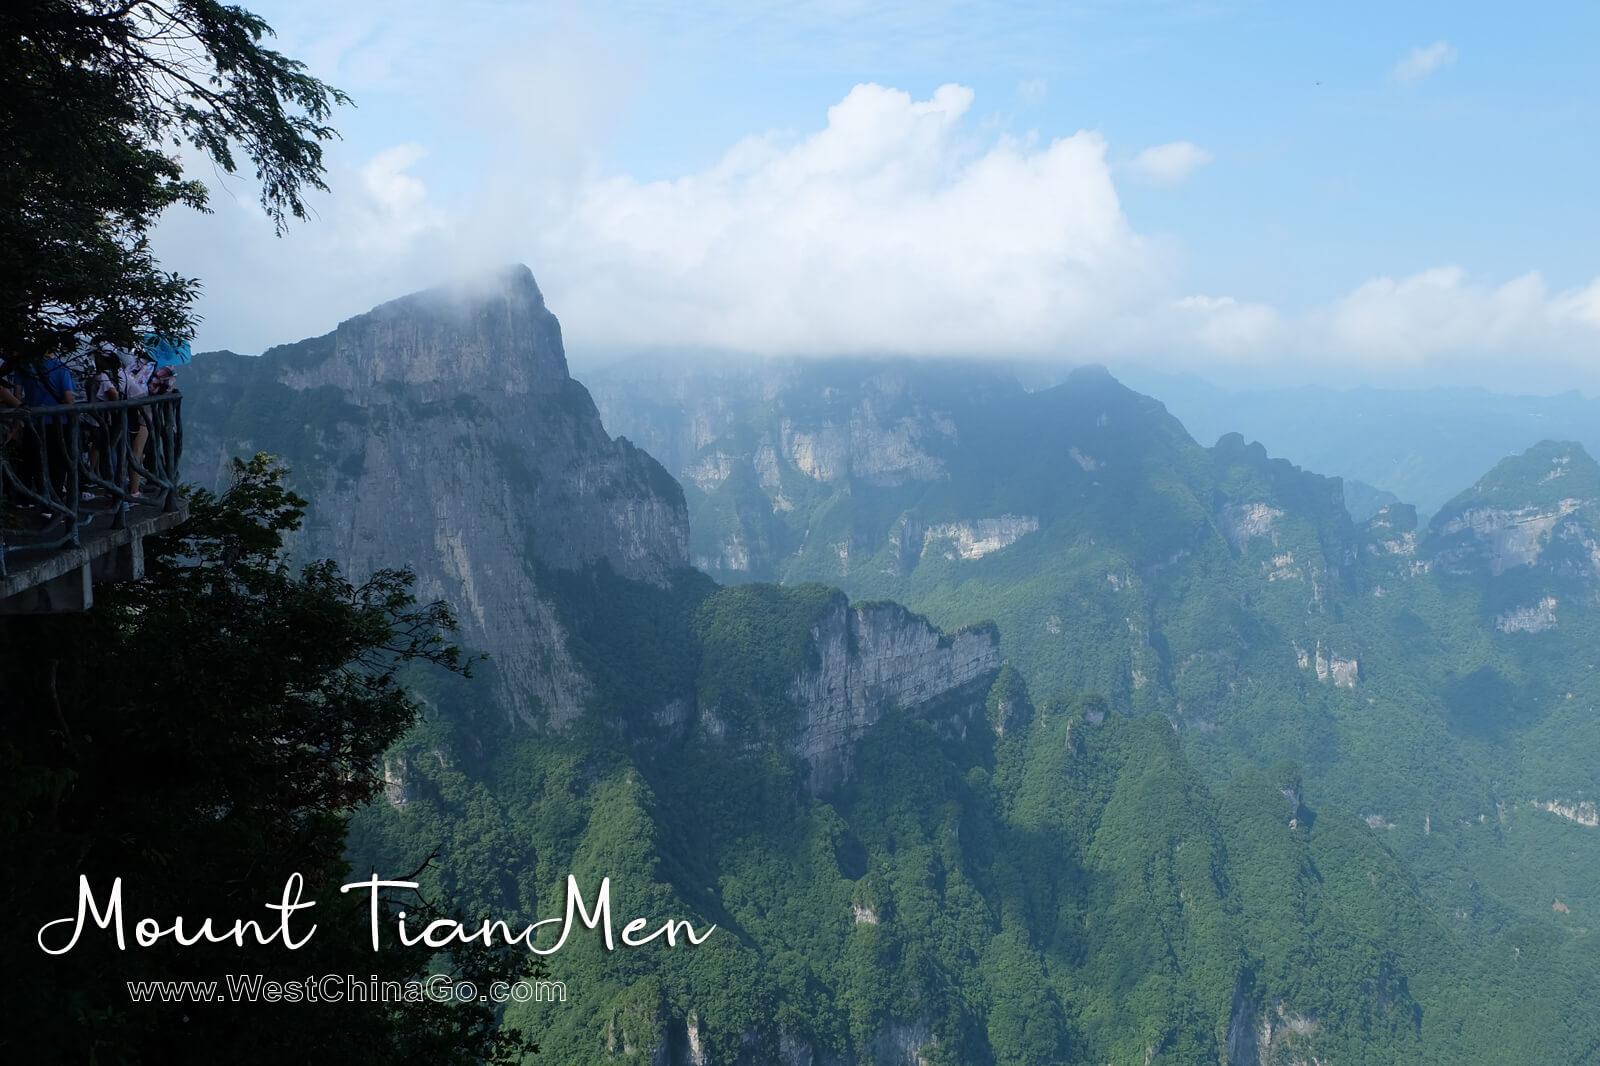 zhangjiajie Tour Photo Gallery